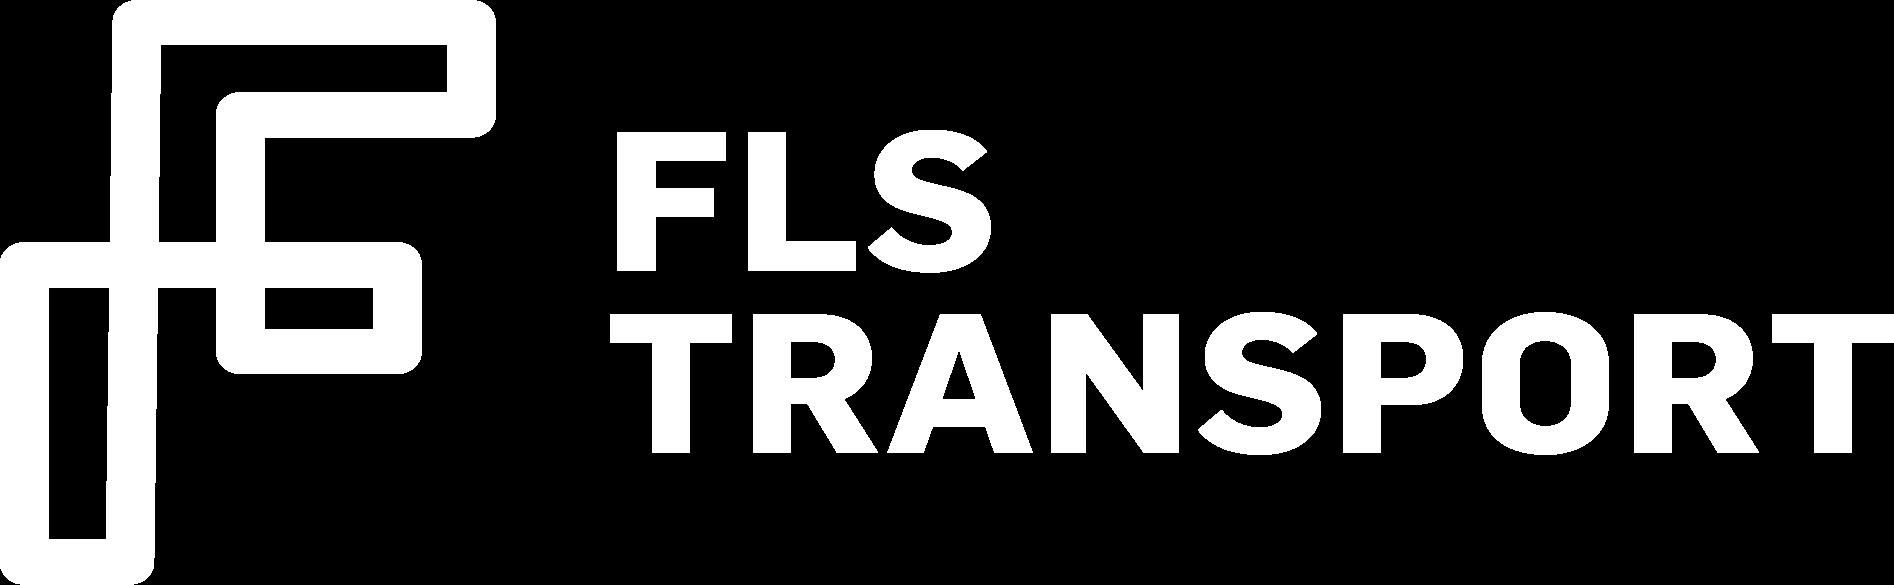 FLS Transport Logo